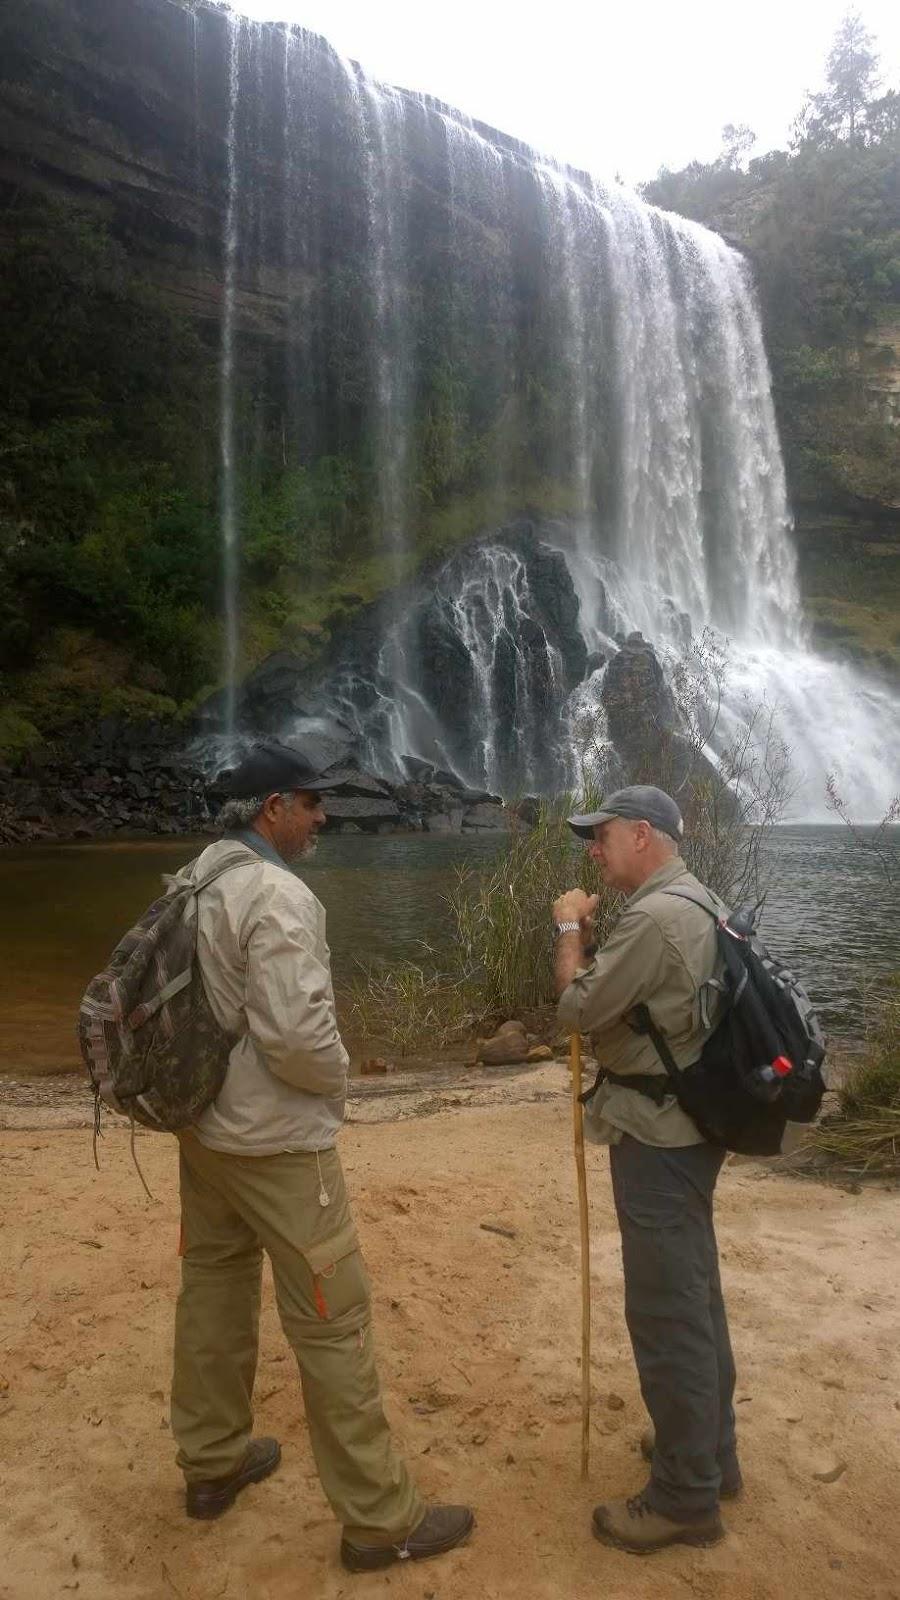 Cachoeira do Sobradinho